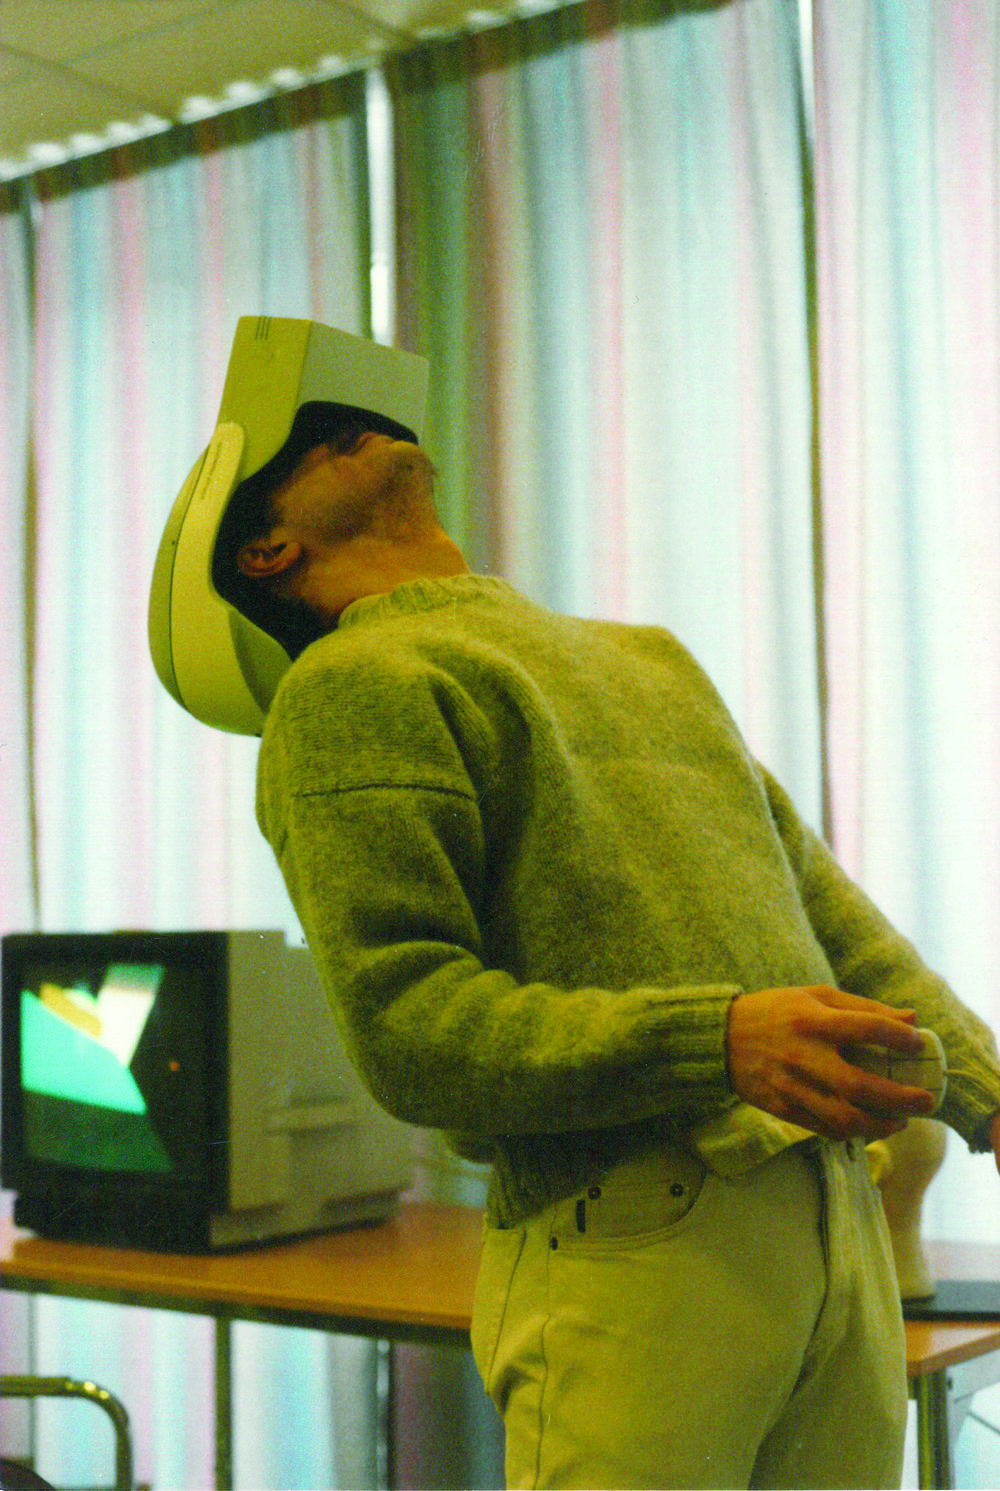 Virtual Reality 1993  Det här är jag och min klasskamrat. Vi går sista året på Inredningsarkitektur på Konstfack och året är 1993. På oss har vi vad som då kallades VR-hjälm. Kanske inte lika smidiga som dagens headsets men konceptet är ändå detsamma som idag. Vi gjorde vårt examensarbete på SICS (Swedish Institute of Computer Science) i Kista och det handlade om gestaltning av virtuella mötesplatser. På SICS arbetade man bland annat med forskning inom Virtual Reality och det som fascinerade mig dåvar att man var så tydligt influerad av science fiction. De refererade ofta i sin forskning till William Gibson och begrepp som cyberspace och avatarer. Virtual Reality behöver inte innebära att man använder ett headset och ett headset innebär inte att det man ser är Virtual Reality.